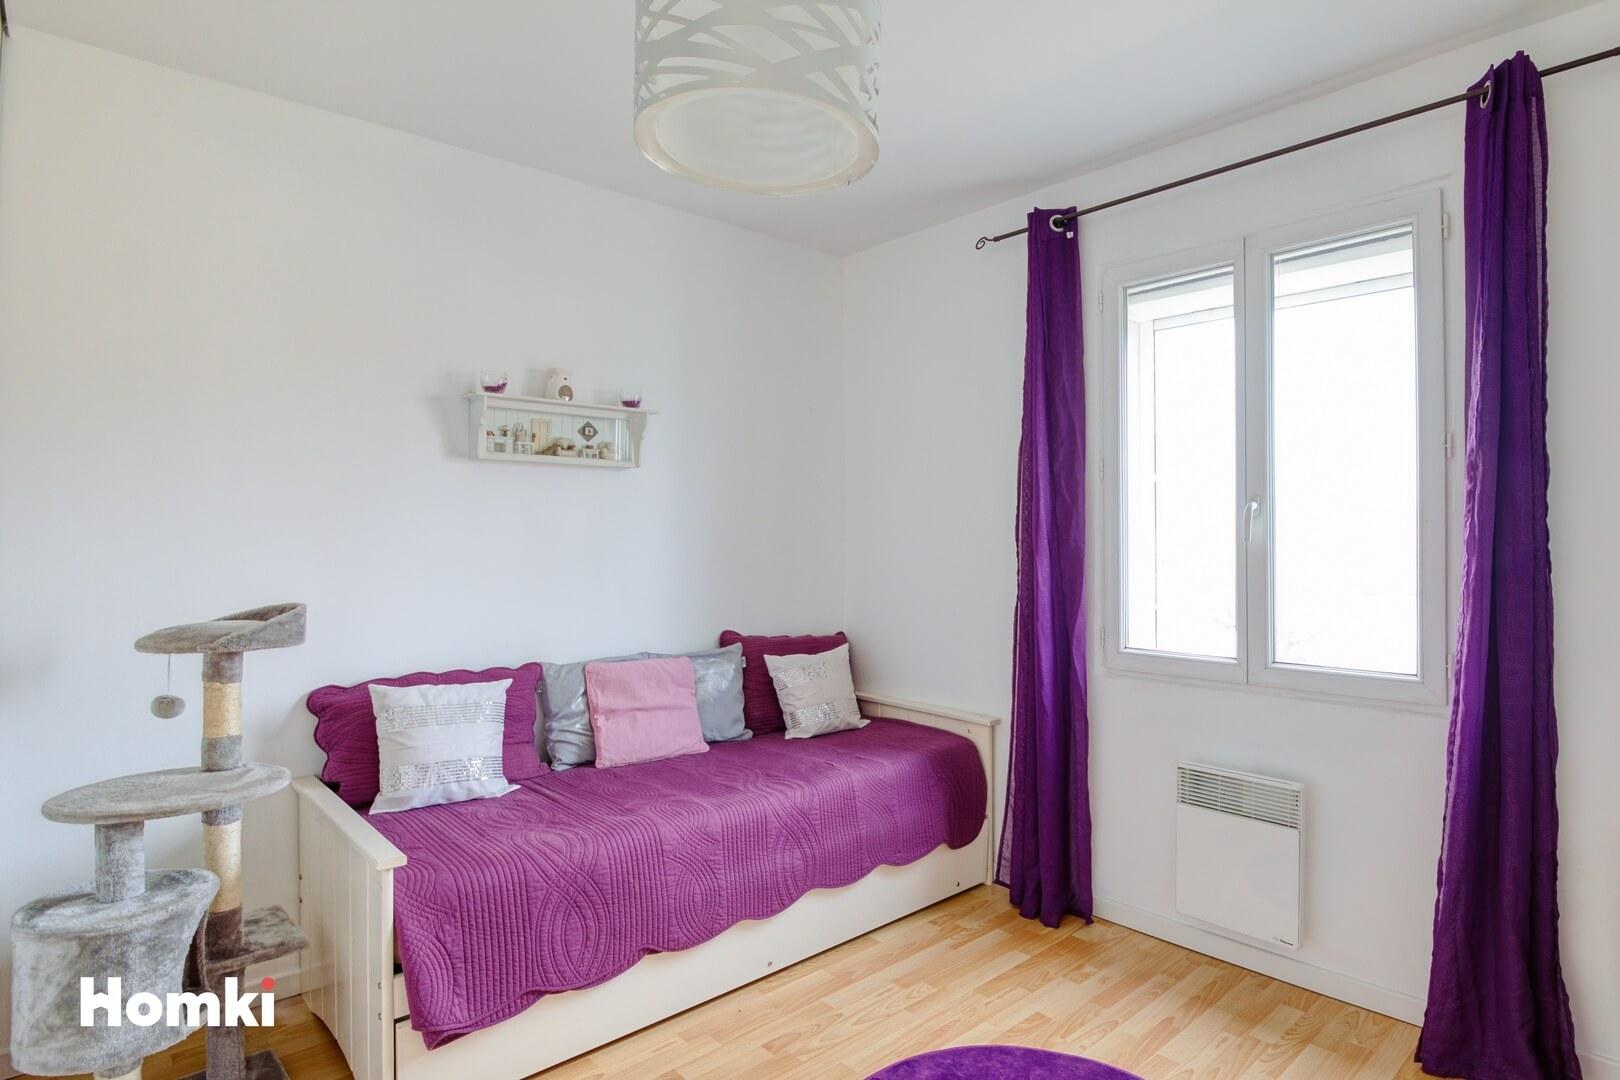 Homki - Vente Maison/villa  de 97.0 m² à Pépieux 11700